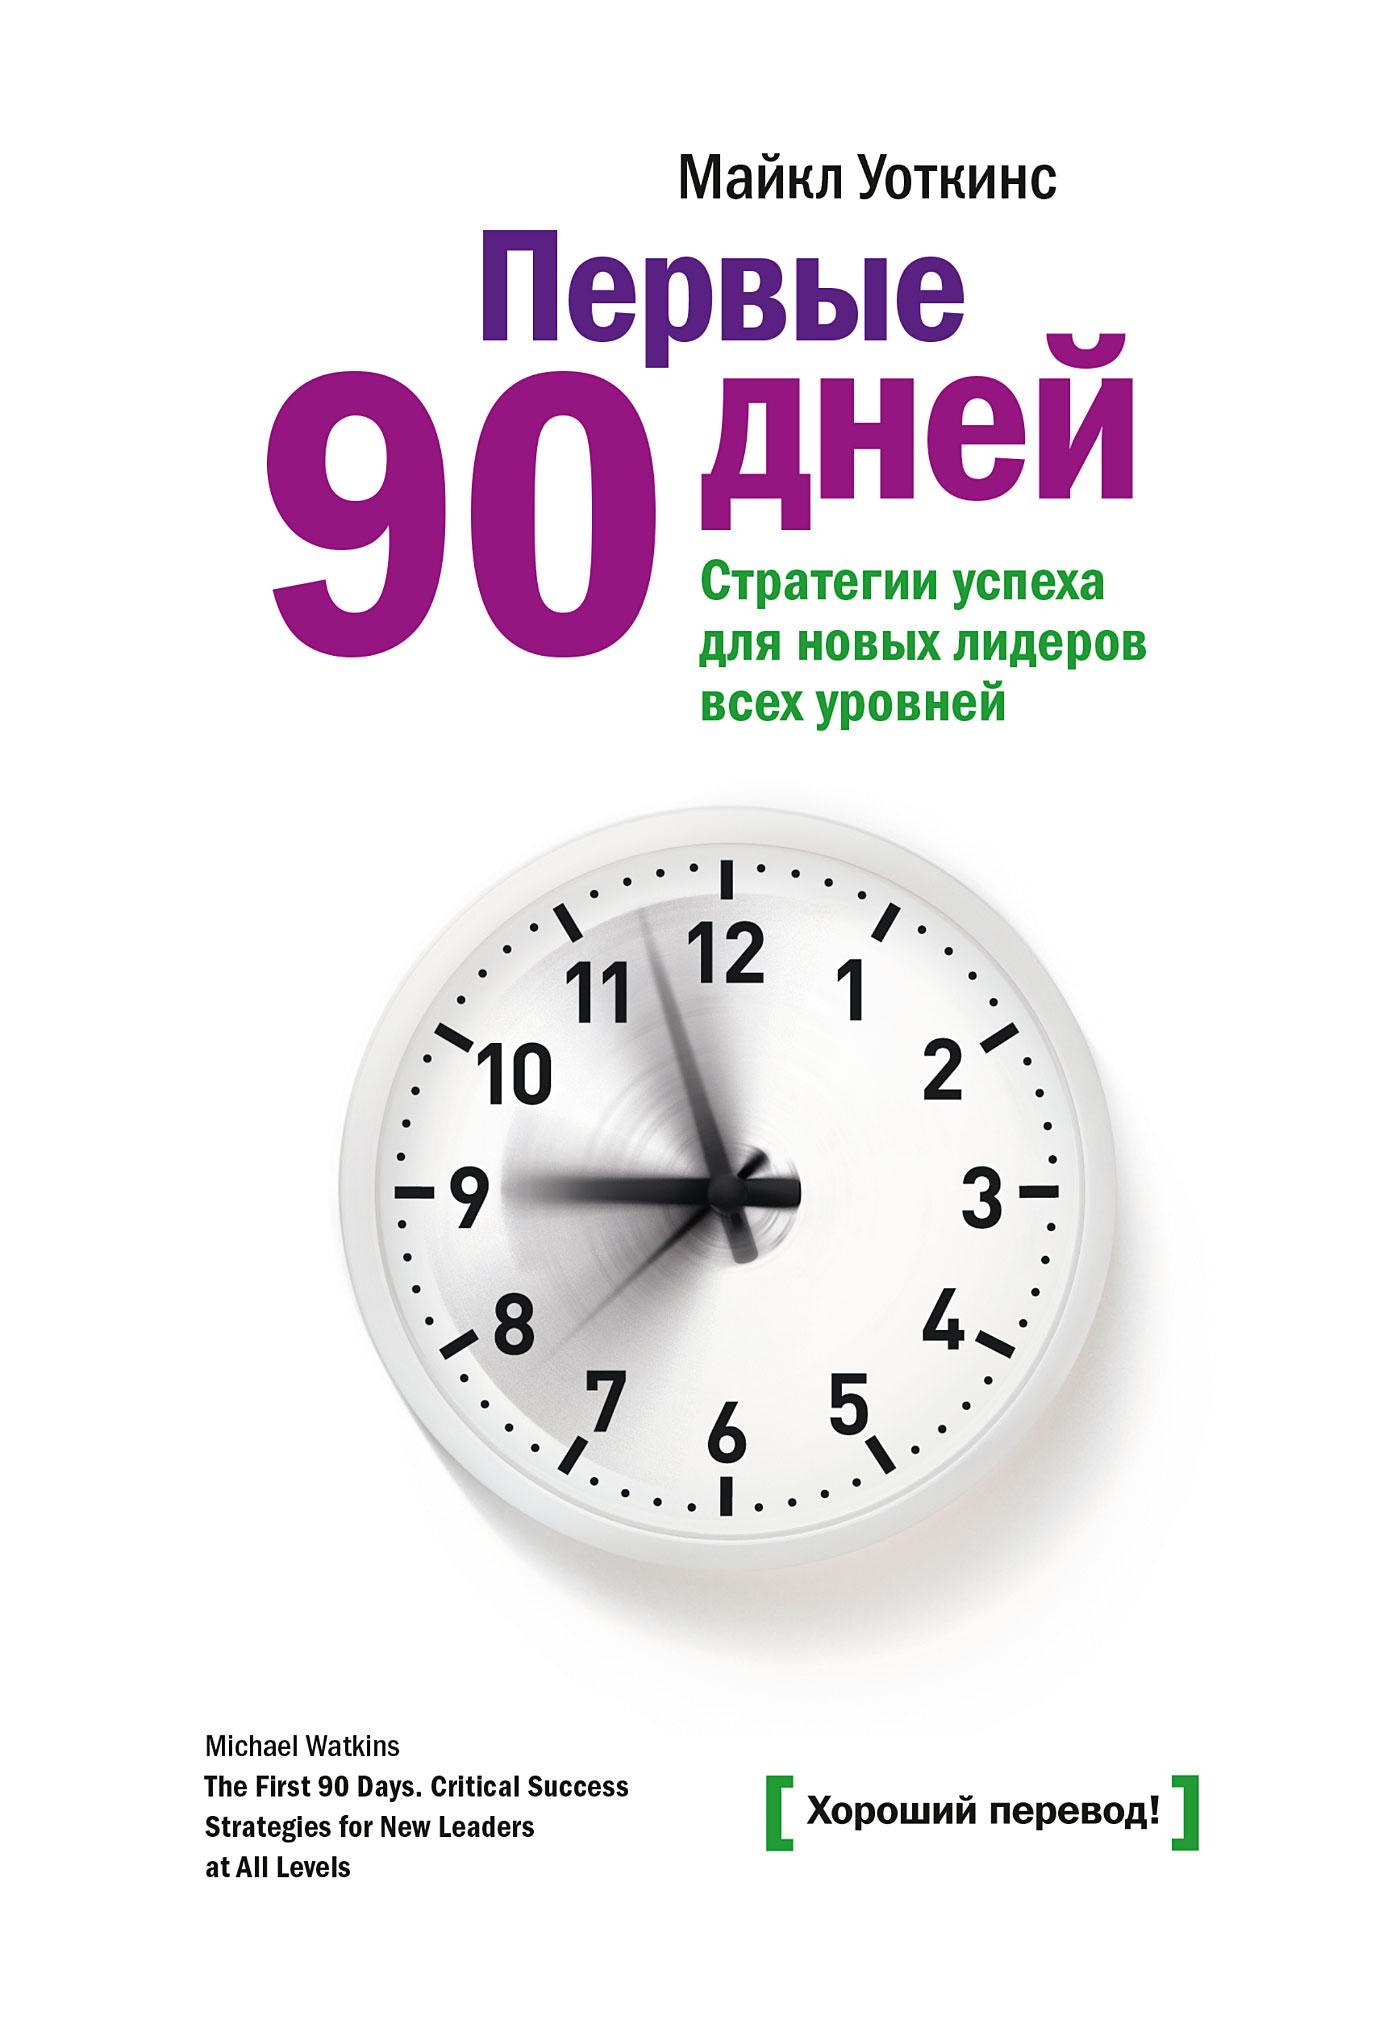 Обложка книги Первые 90 дней. Стратегии успеха для новых лидеров всех уровней